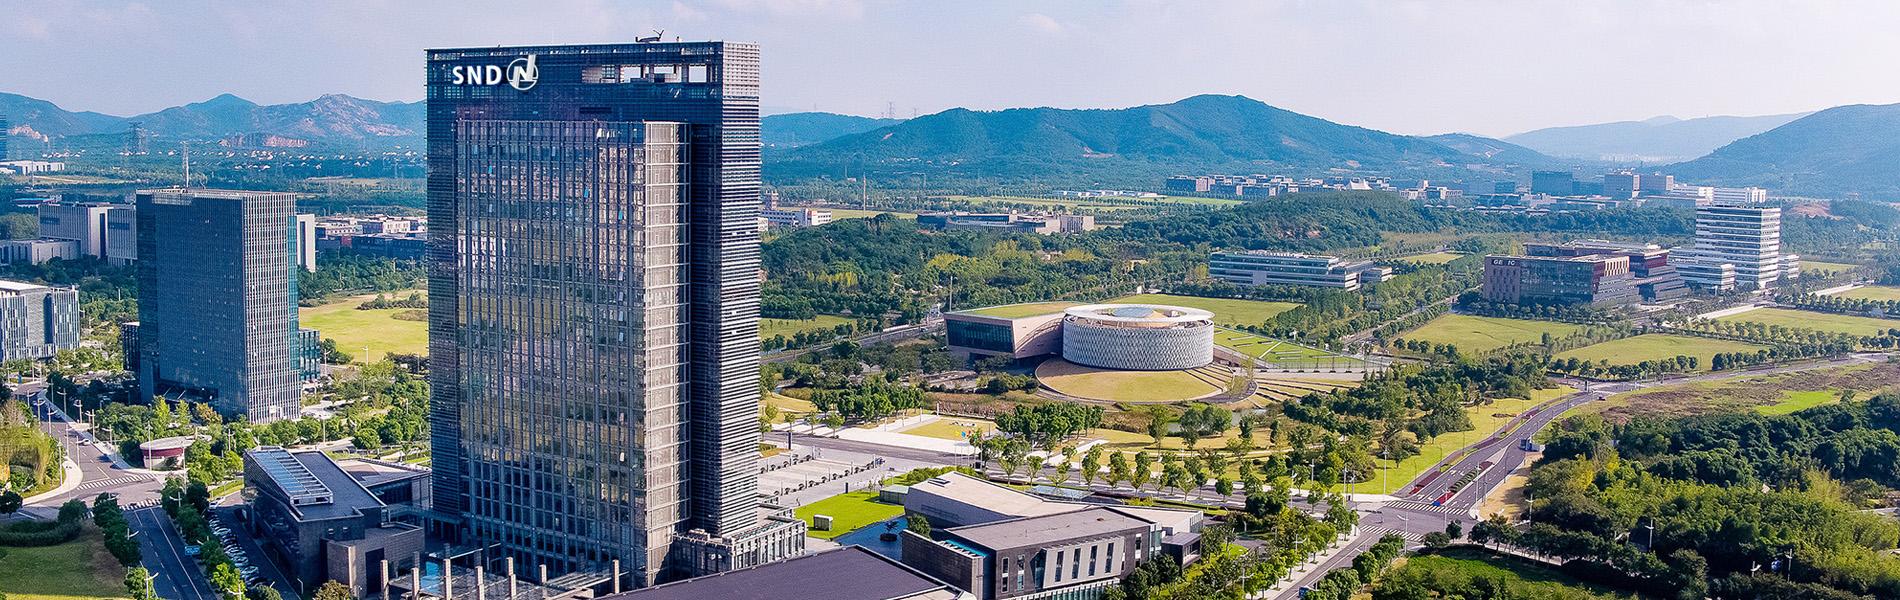 蘇州高新区日本事務所